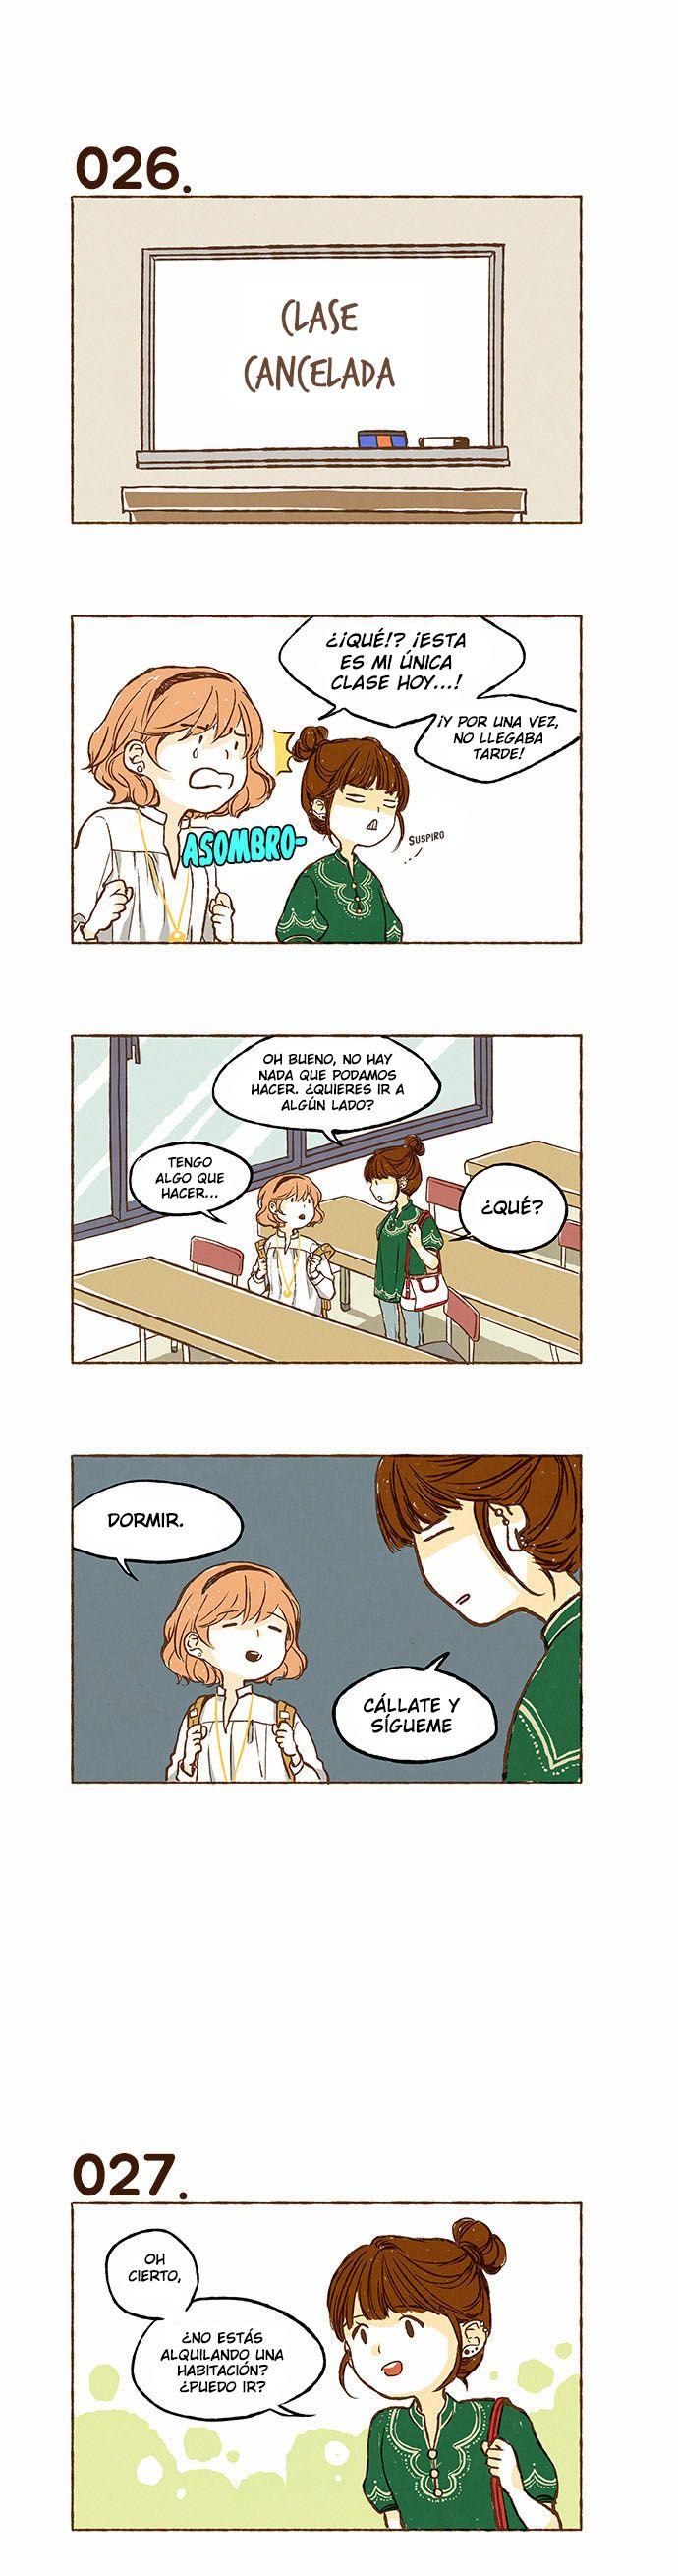 http://c5.ninemanga.com/es_manga/61/17725/462953/faff959d885ec0ecf70741a846c34d1d.jpg Page 3